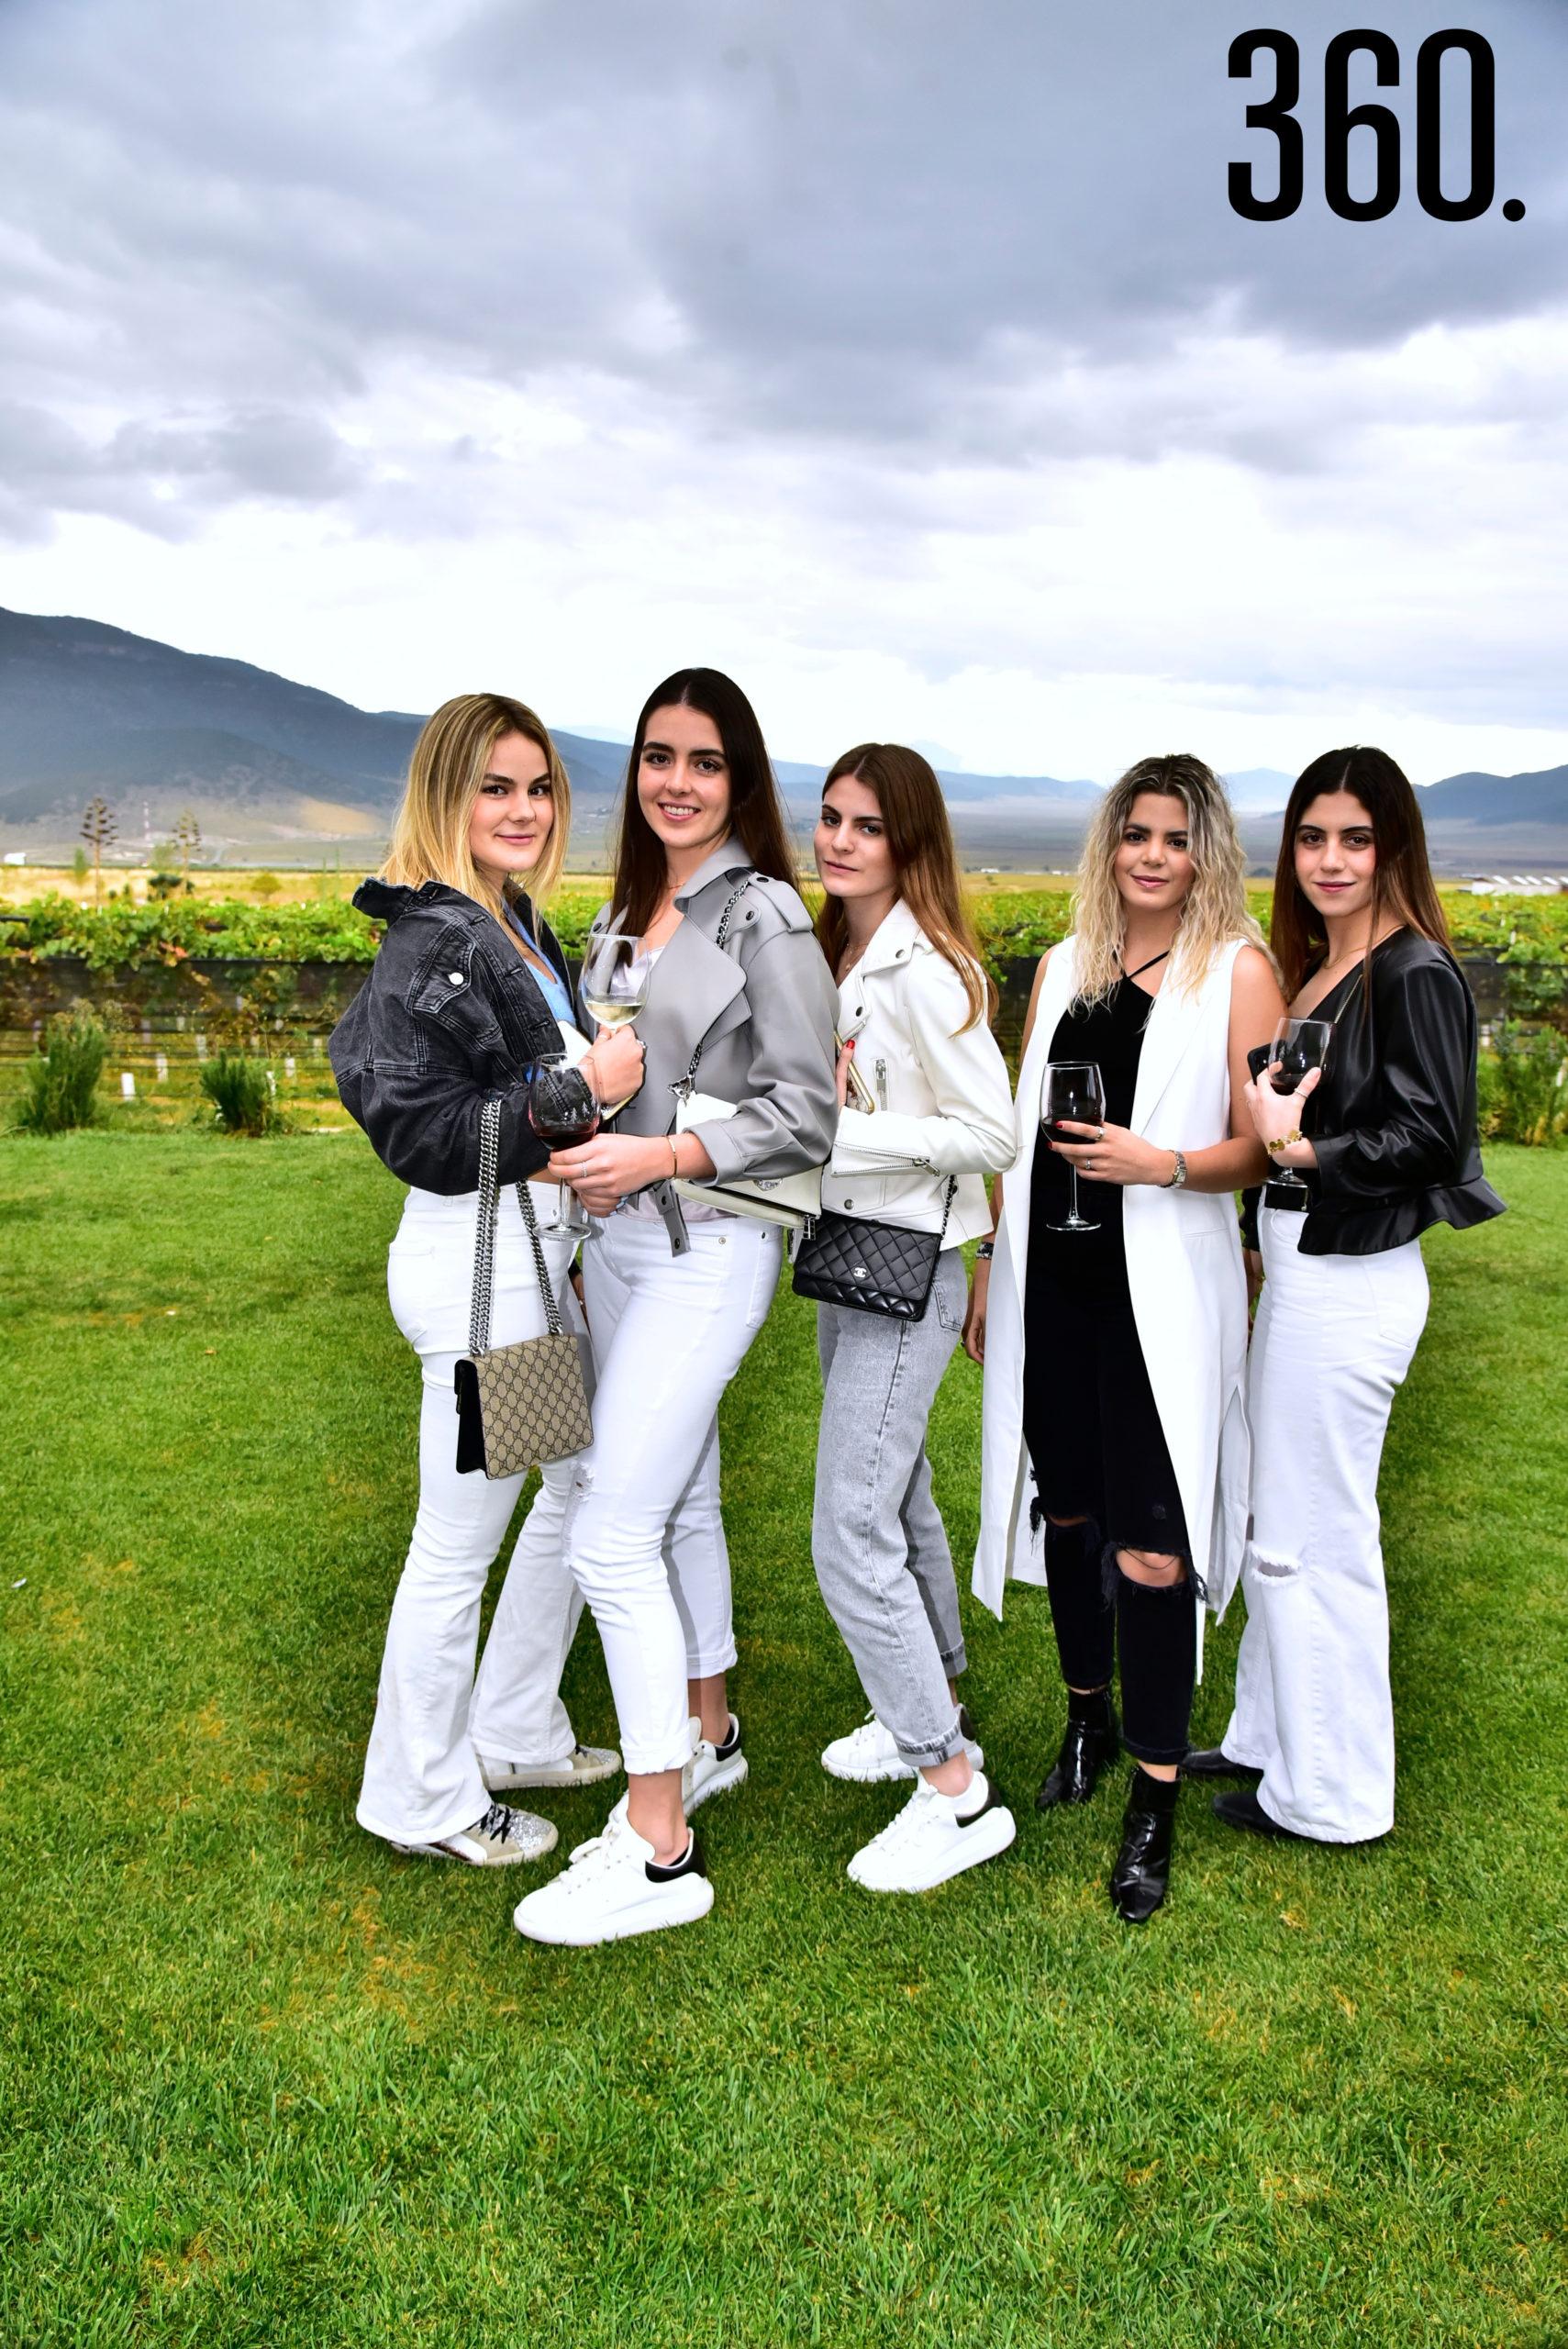 Sofía Collazo, Roberta García, Eugenia Rodríguez, Fabiana Llerena y María Villalobos.